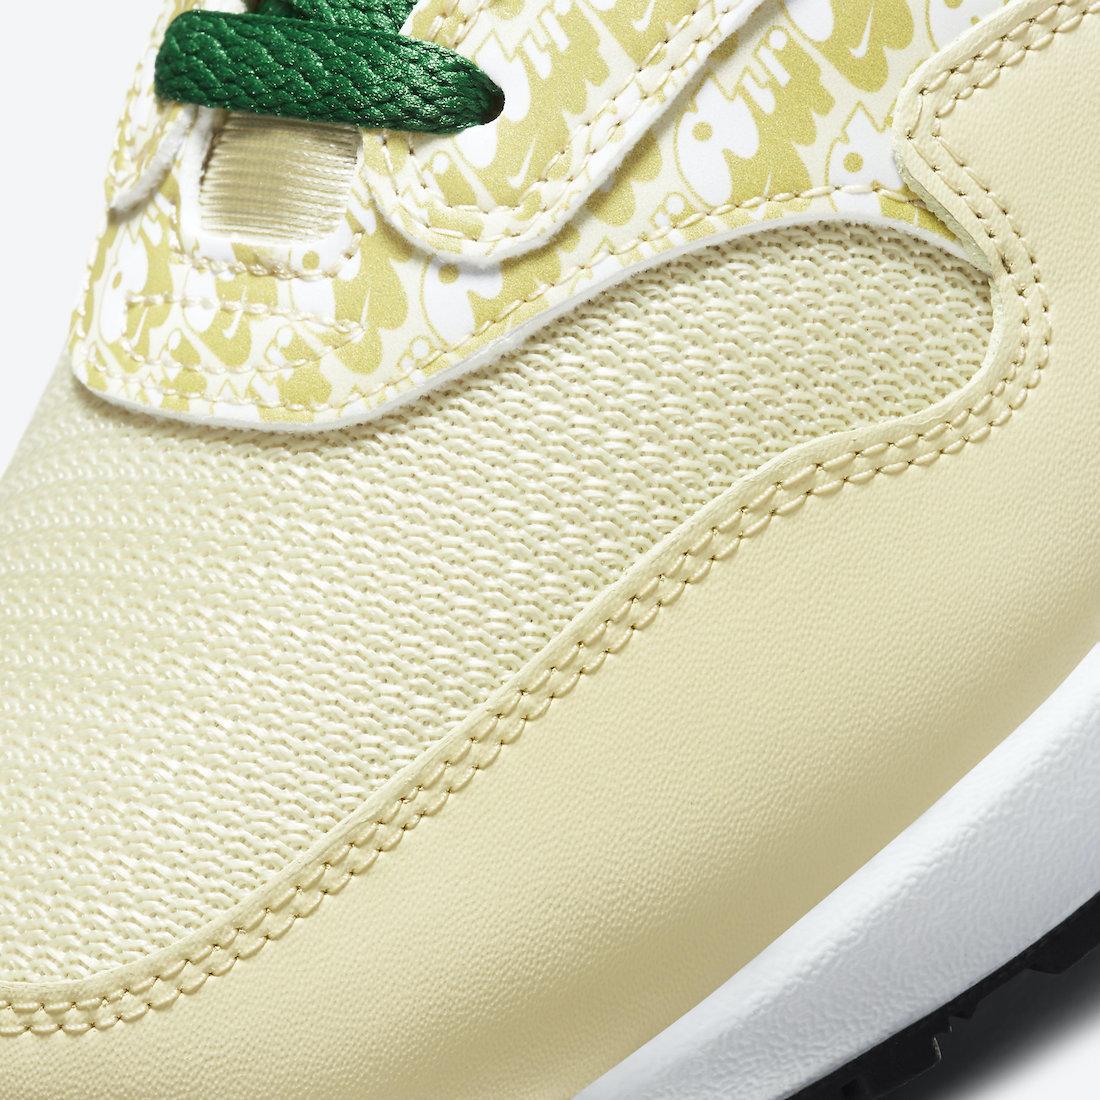 Nike-Air-Max-1-Lemonade-CJ0609-700-Release-Date-Price-6